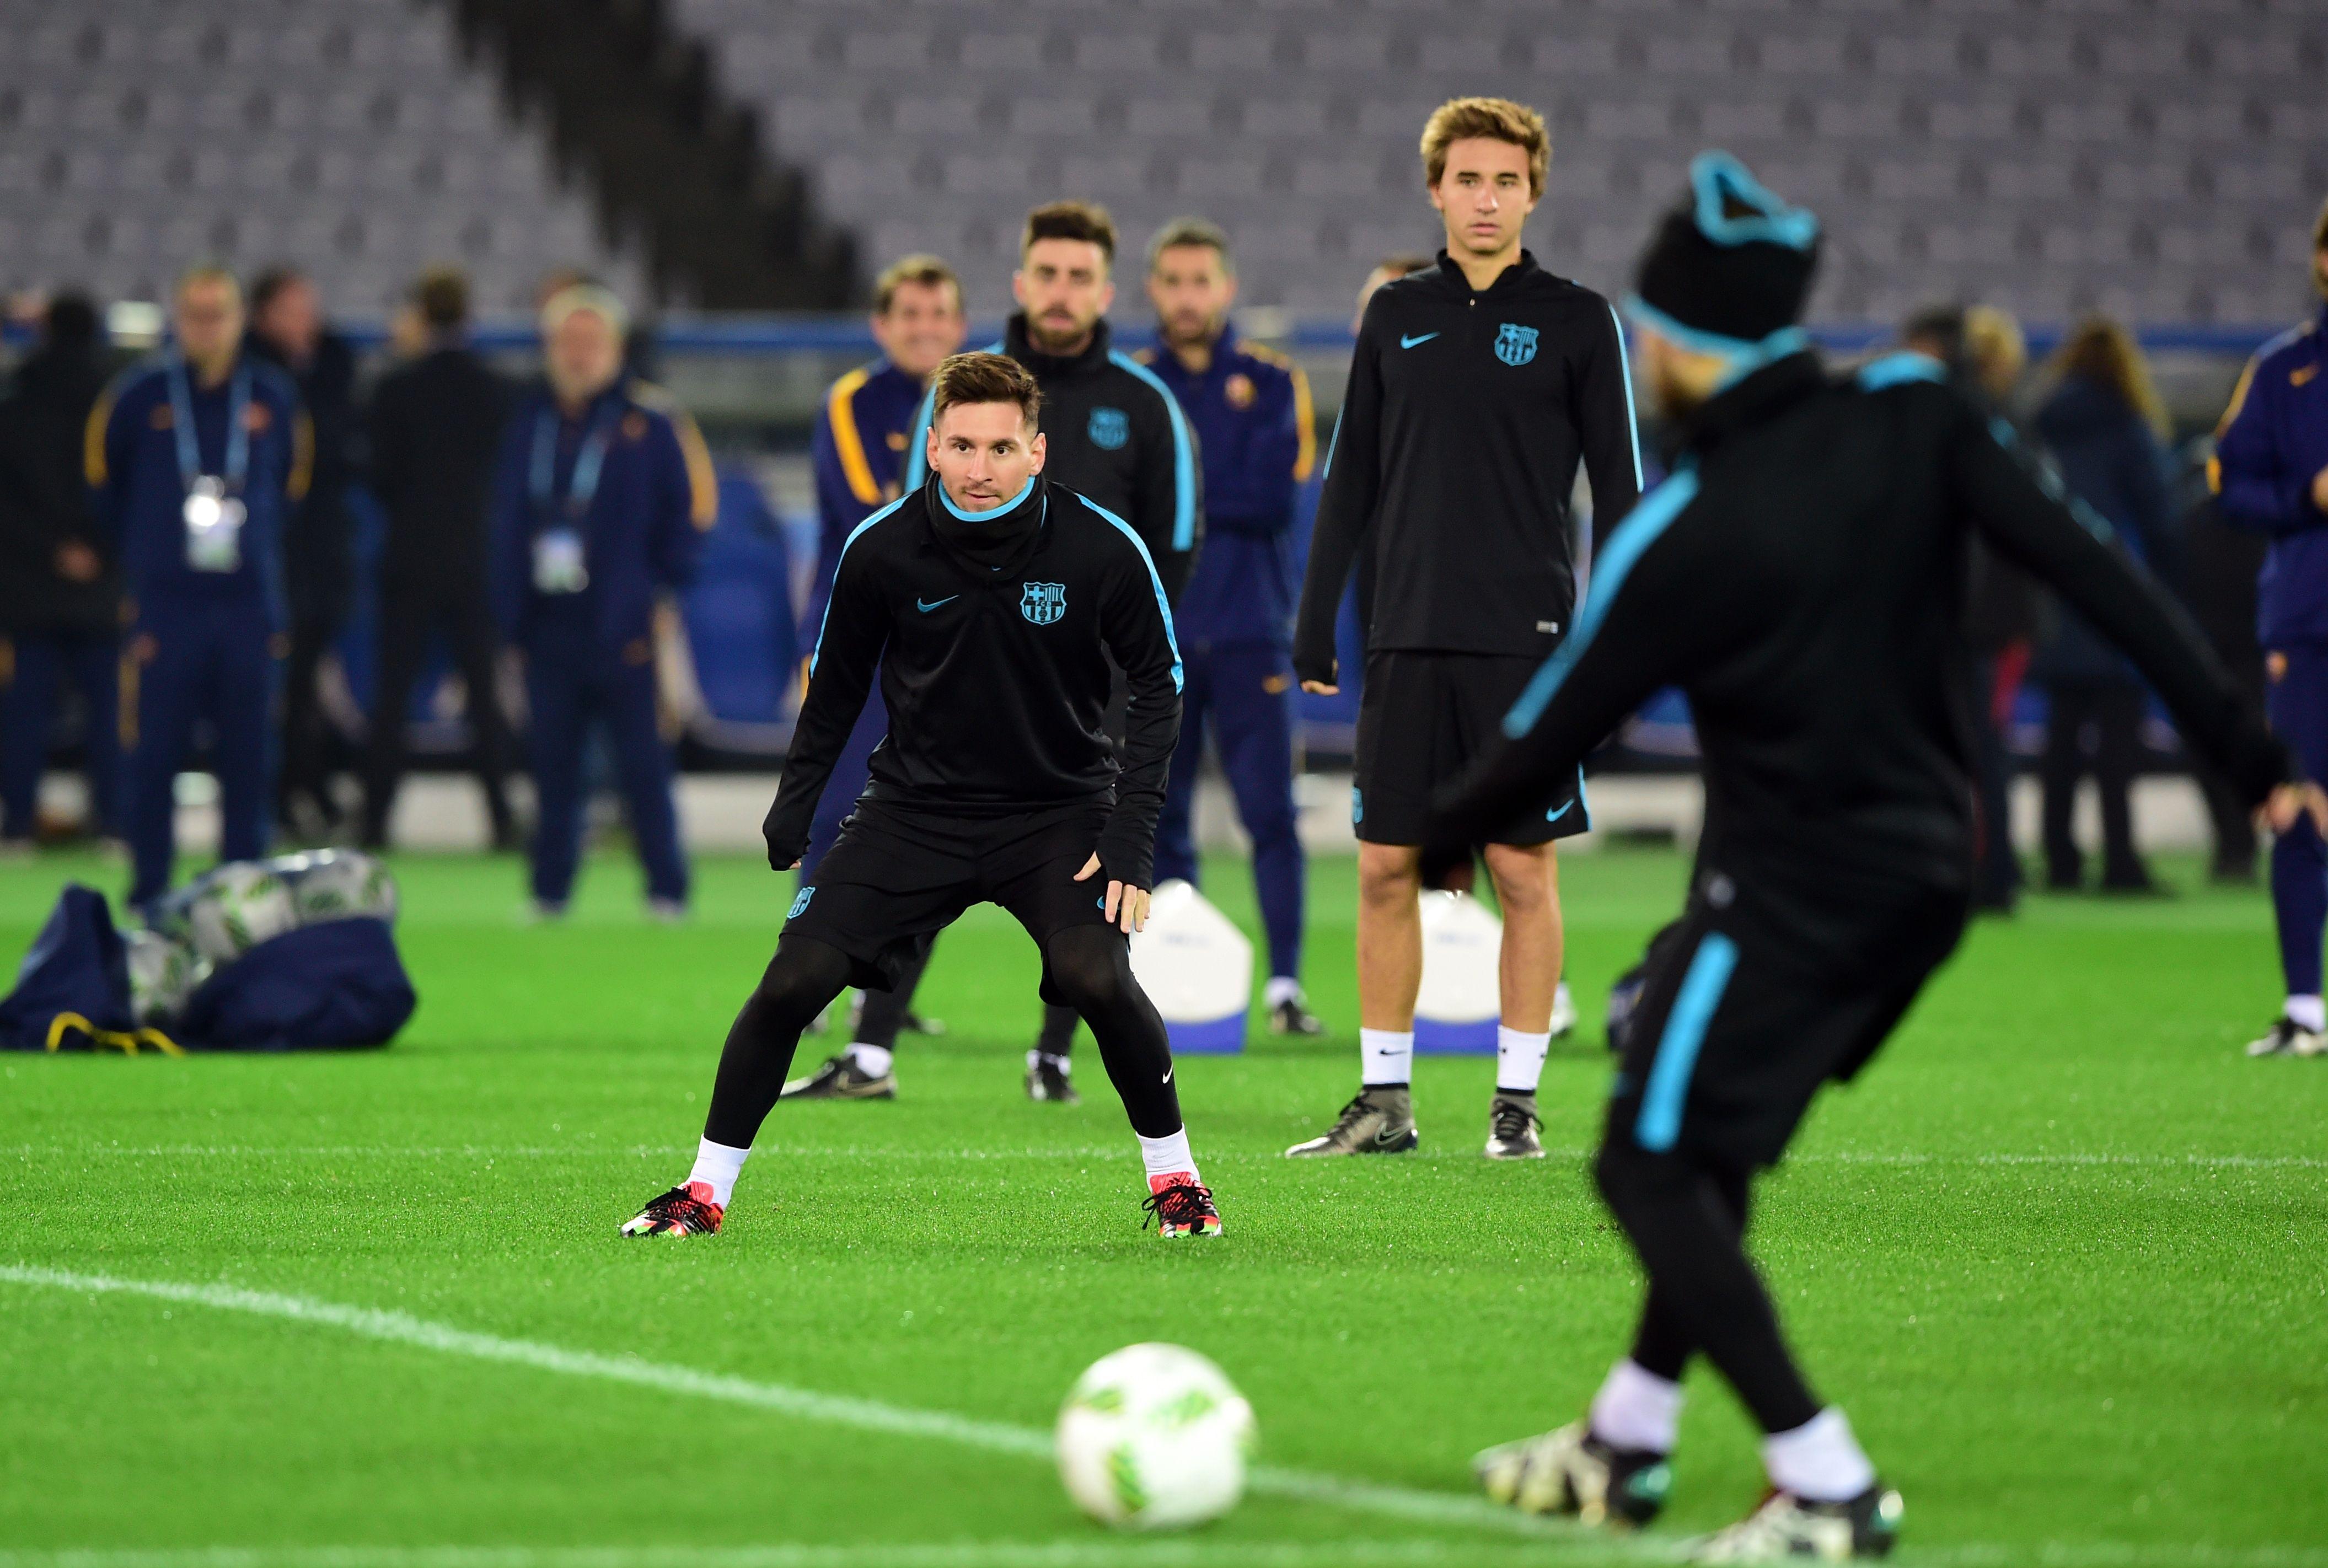 Mundial de Clubes: Messi no entrenó en el Barcelona